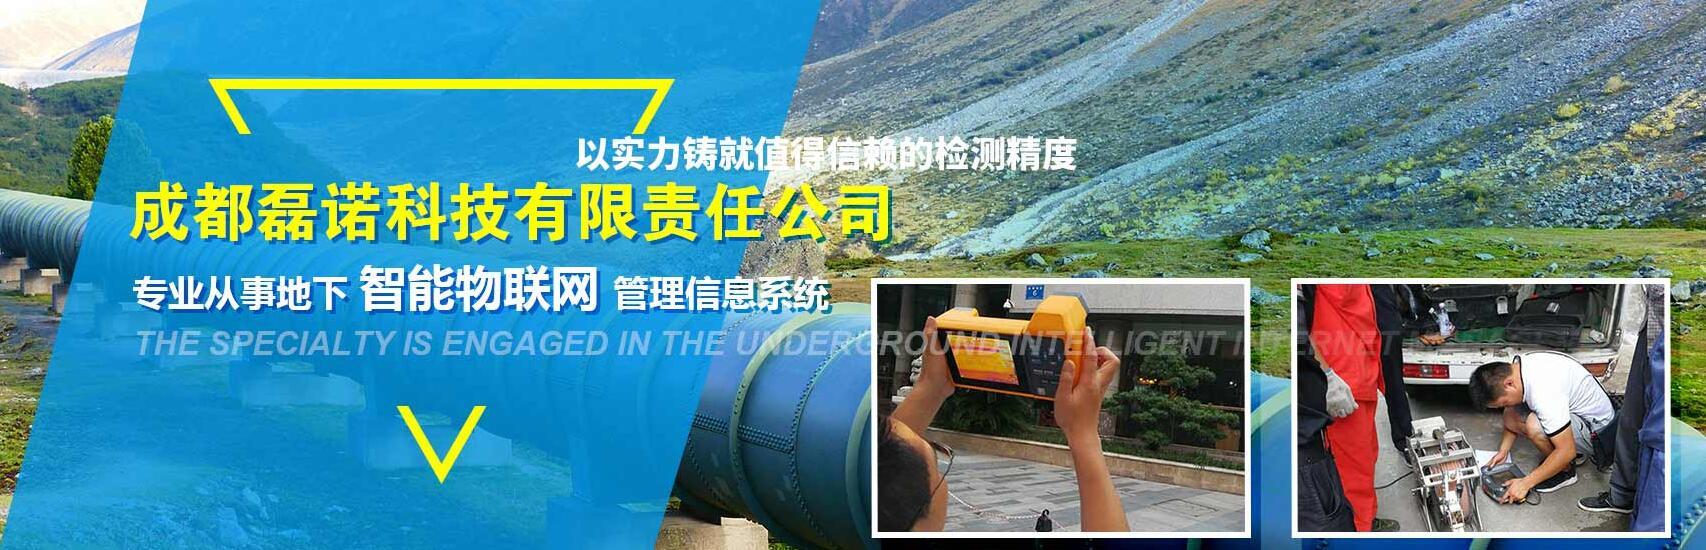 四川用水在线监测系统